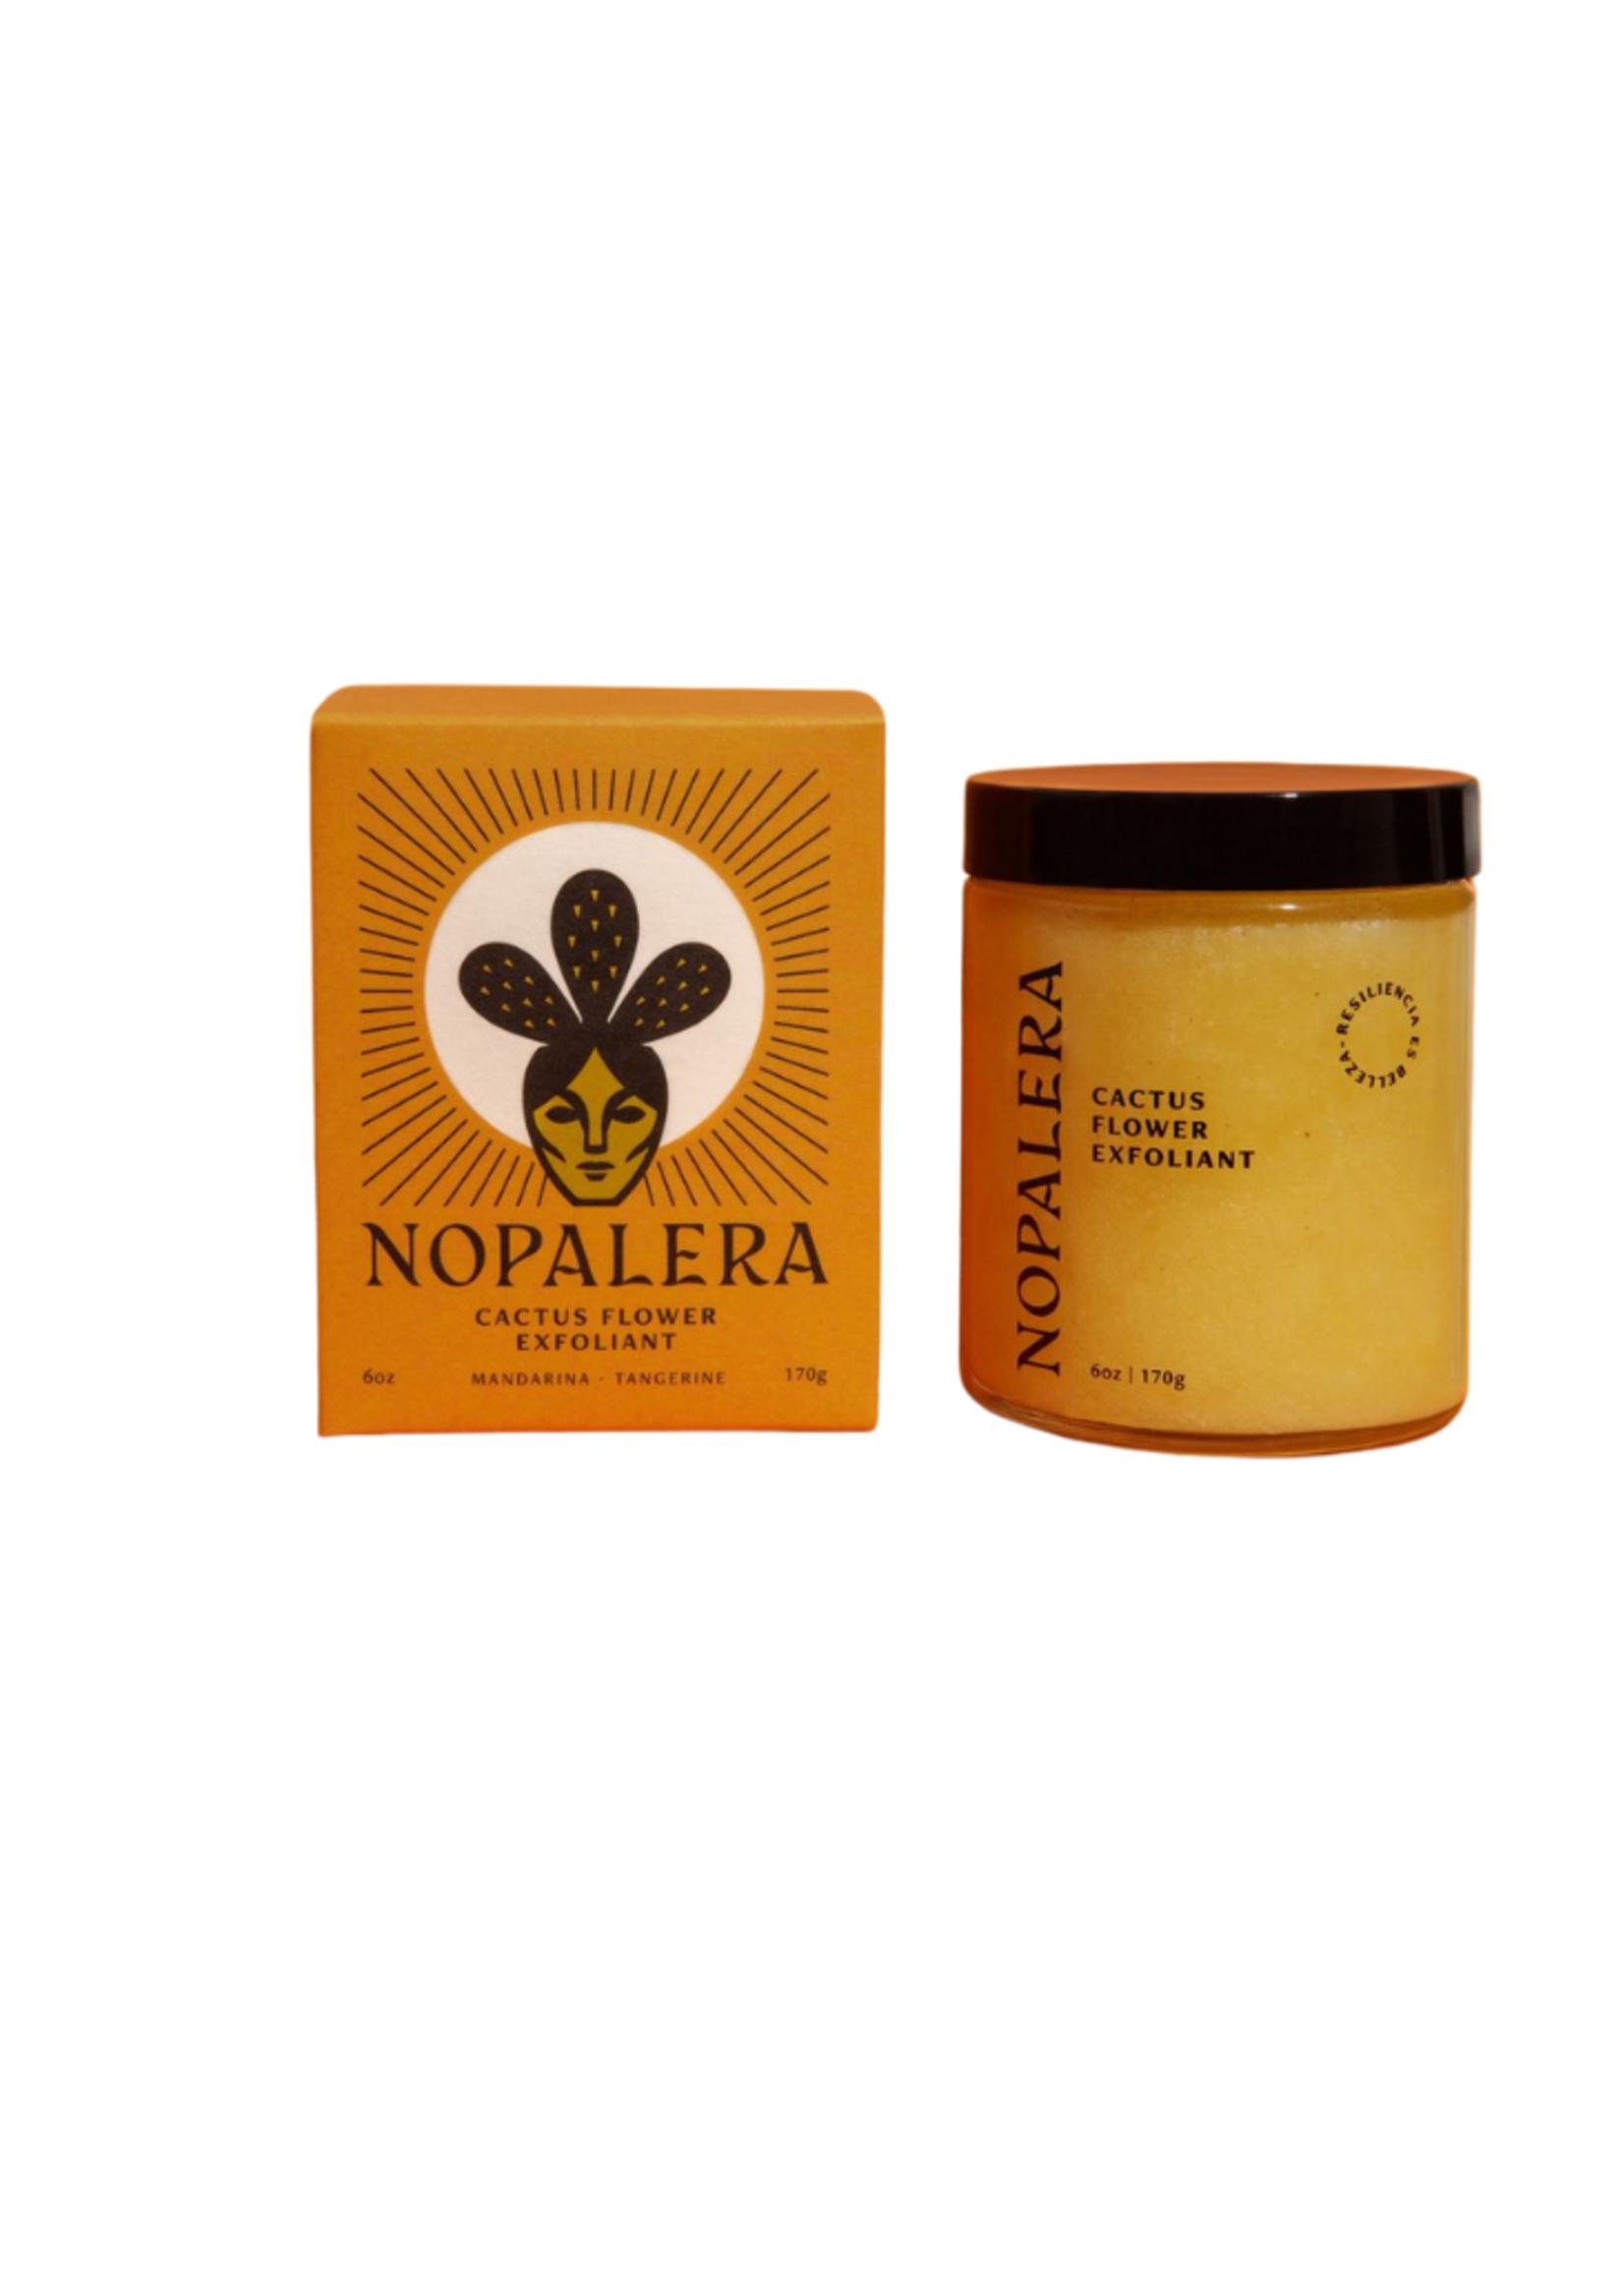 Nopalera Nopalera Cactus Flower Exfoliant